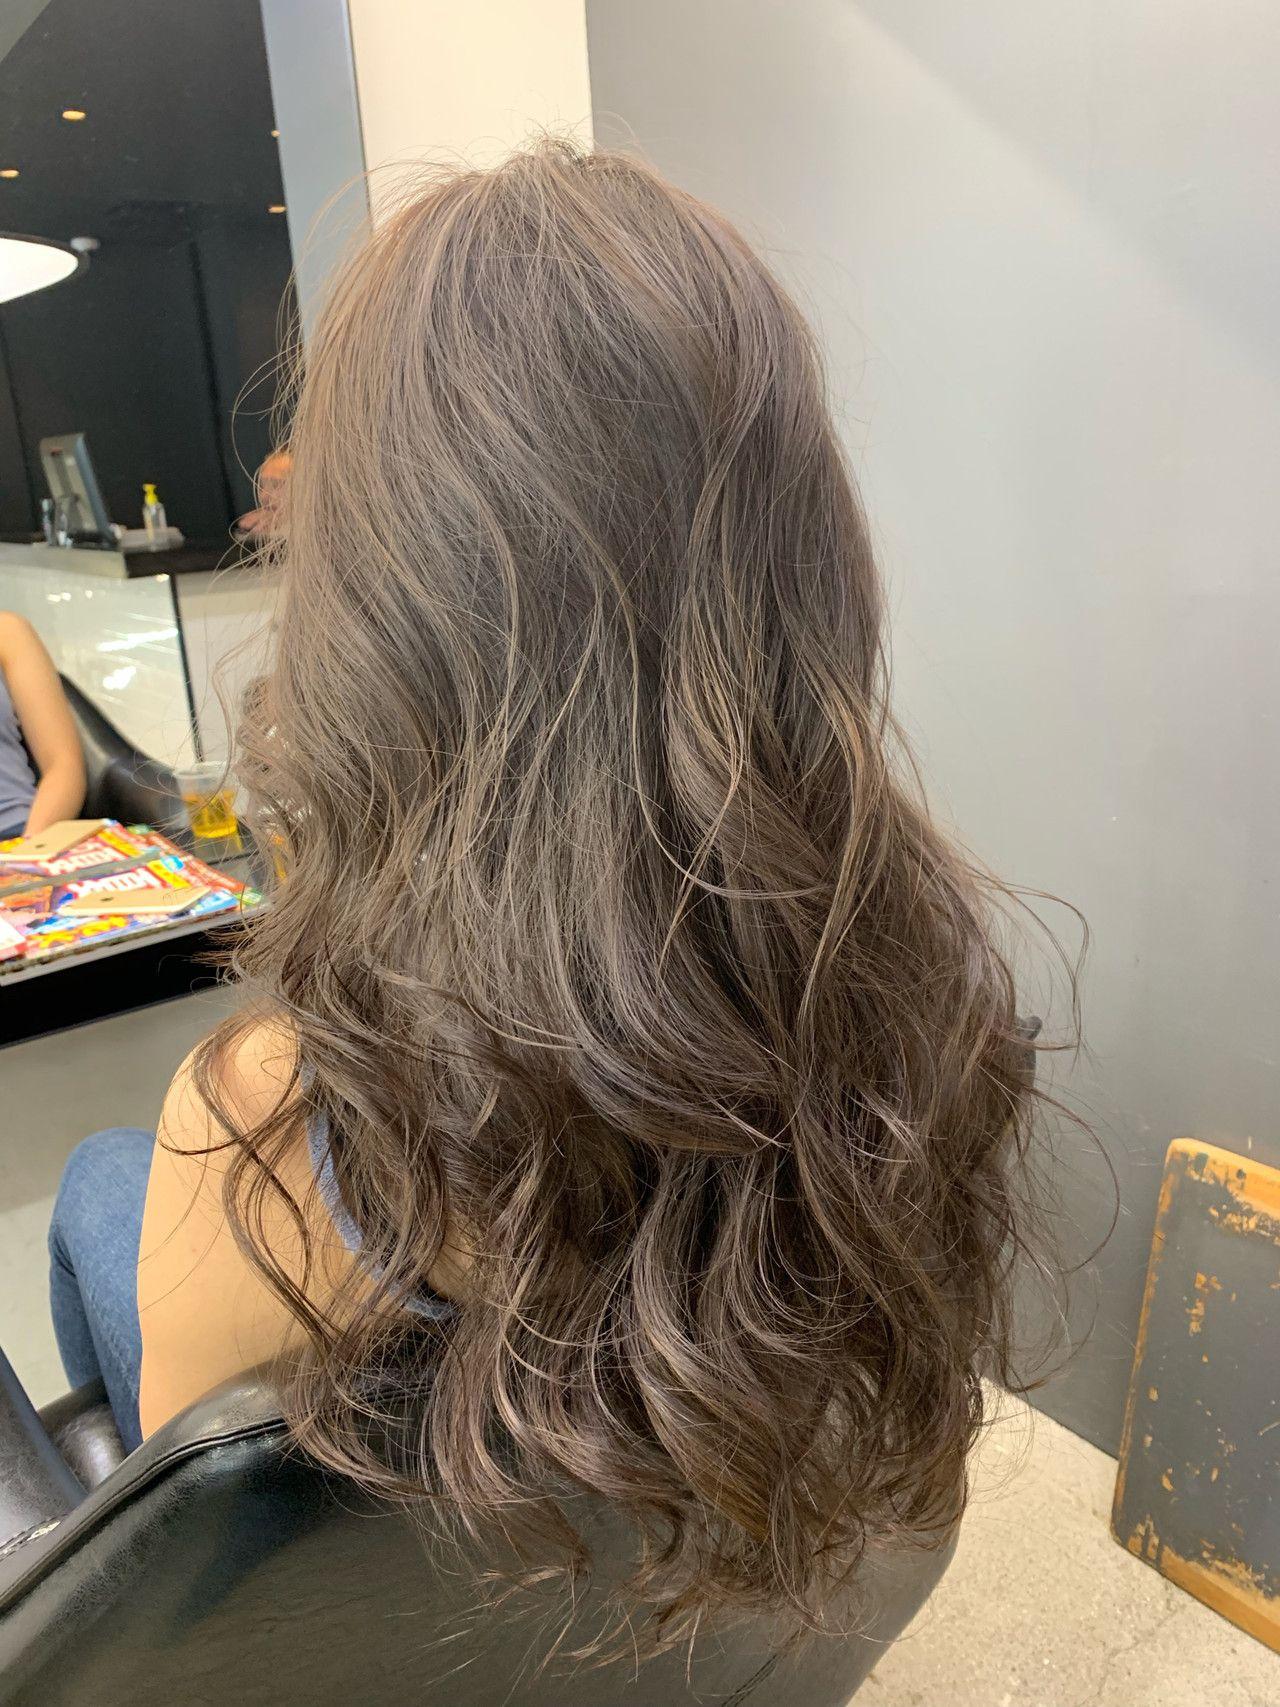 アッシュベージュ 抜け感 ナチュラル セミロング ヘアスタイルや髪型の写真 画像 2020 ヘアカラーテクニック ヘア アイディア ヘアスタイル ロング